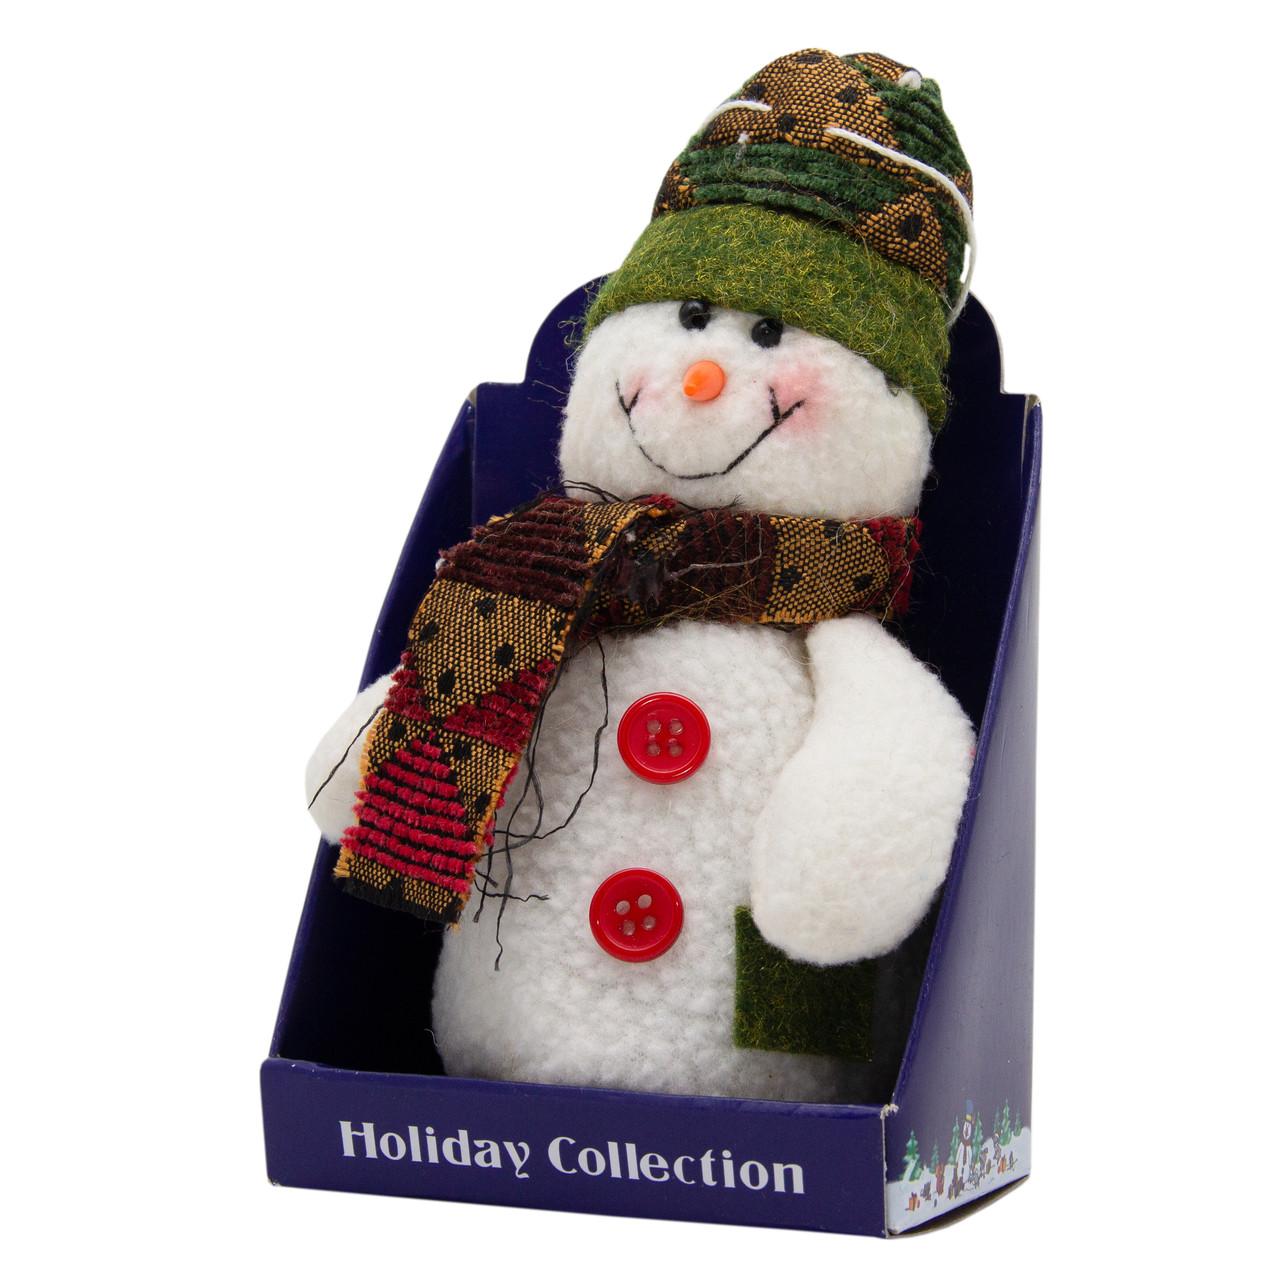 Новогодняя мягкая сувенирная фигурка Снеговик с зеленым шарфом, 14 см (000029-7)